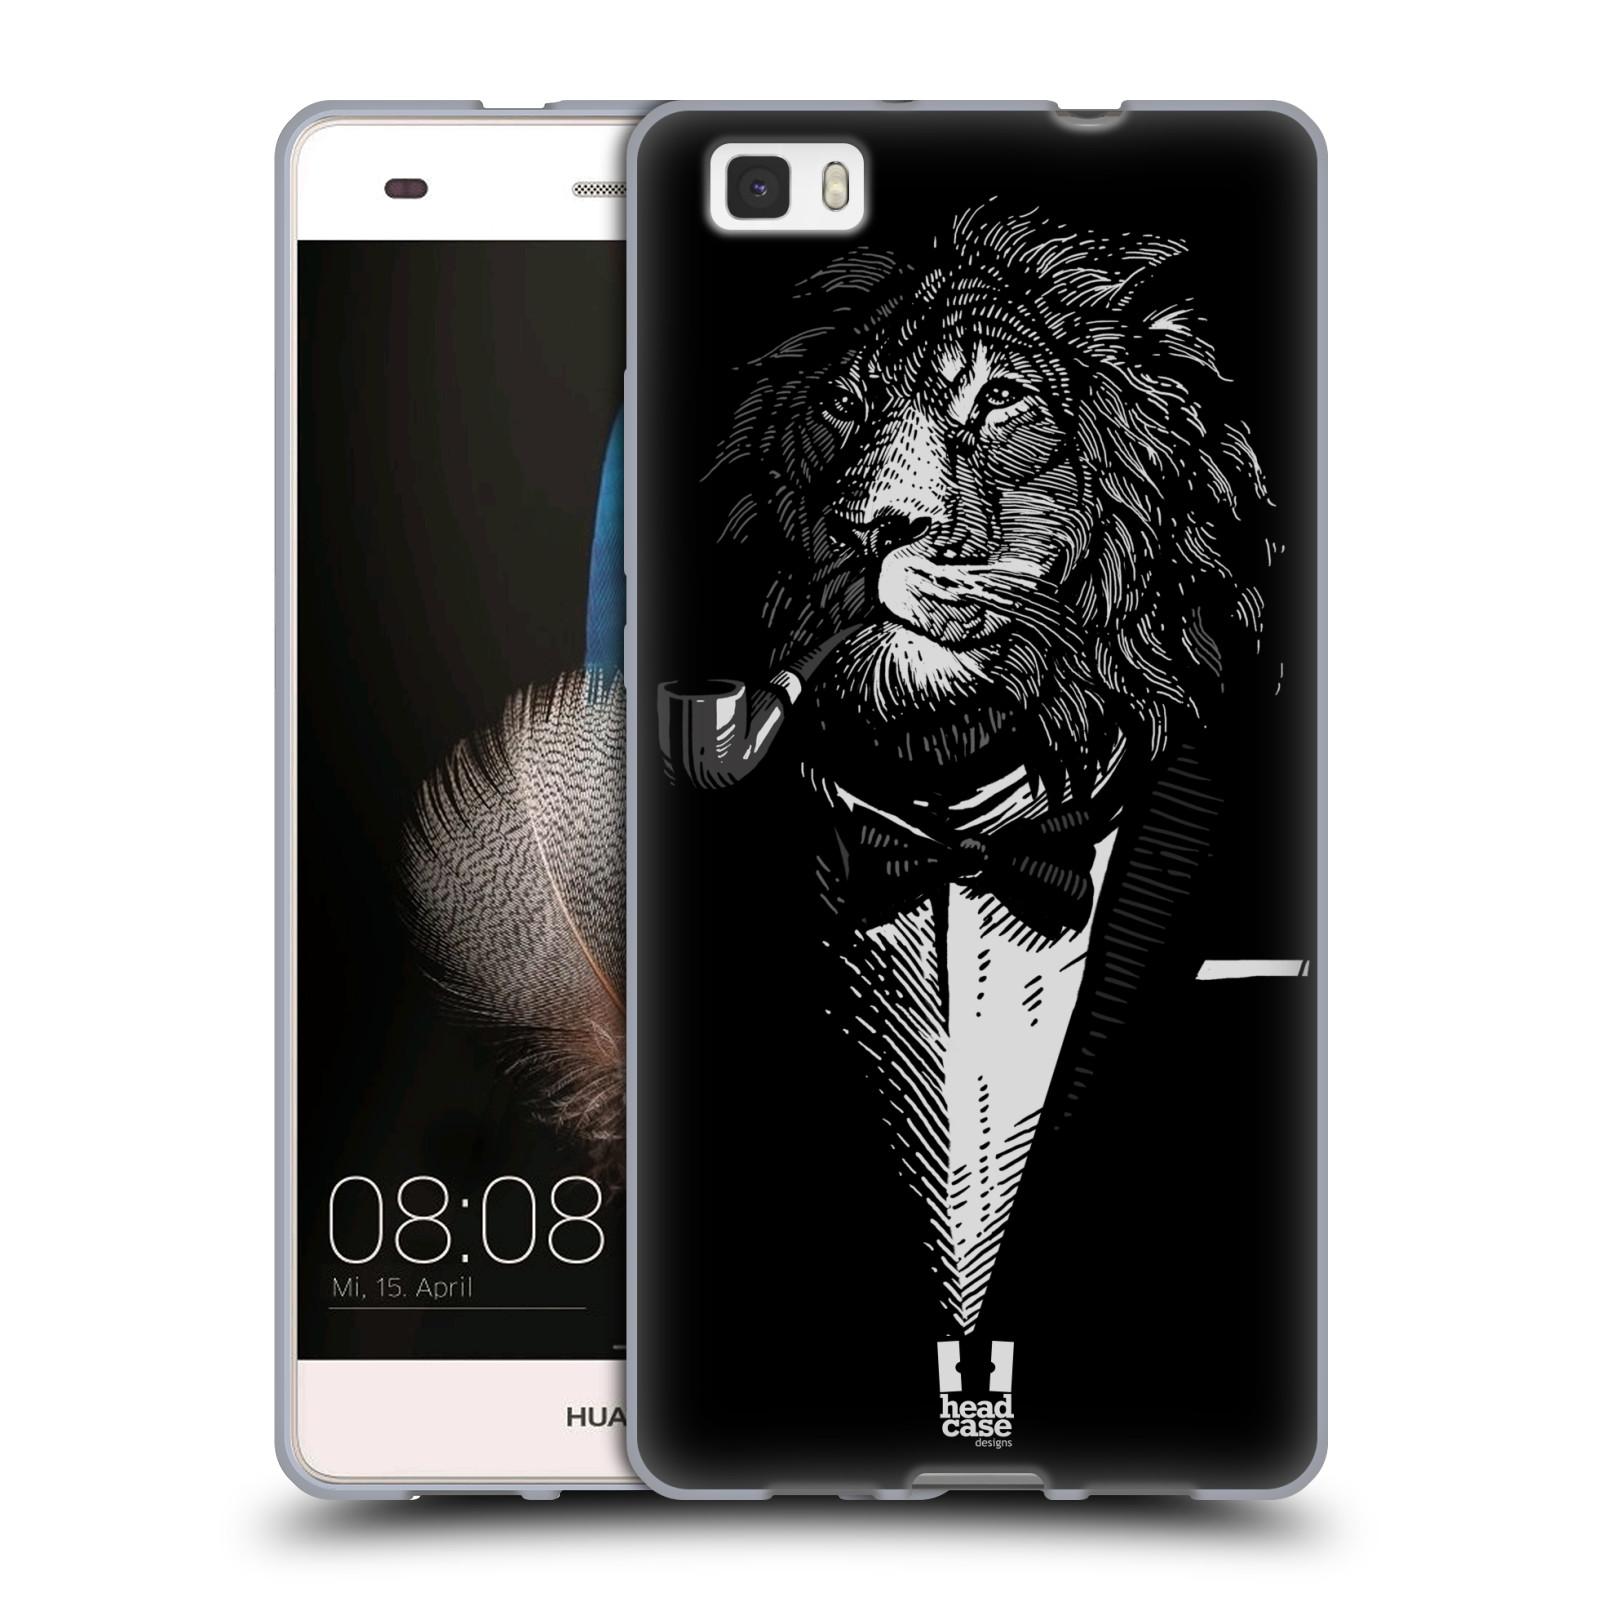 HEAD CASE silikonový obal na mobil HUAWEI P8 LITE vzor Zvíře v obleku lev